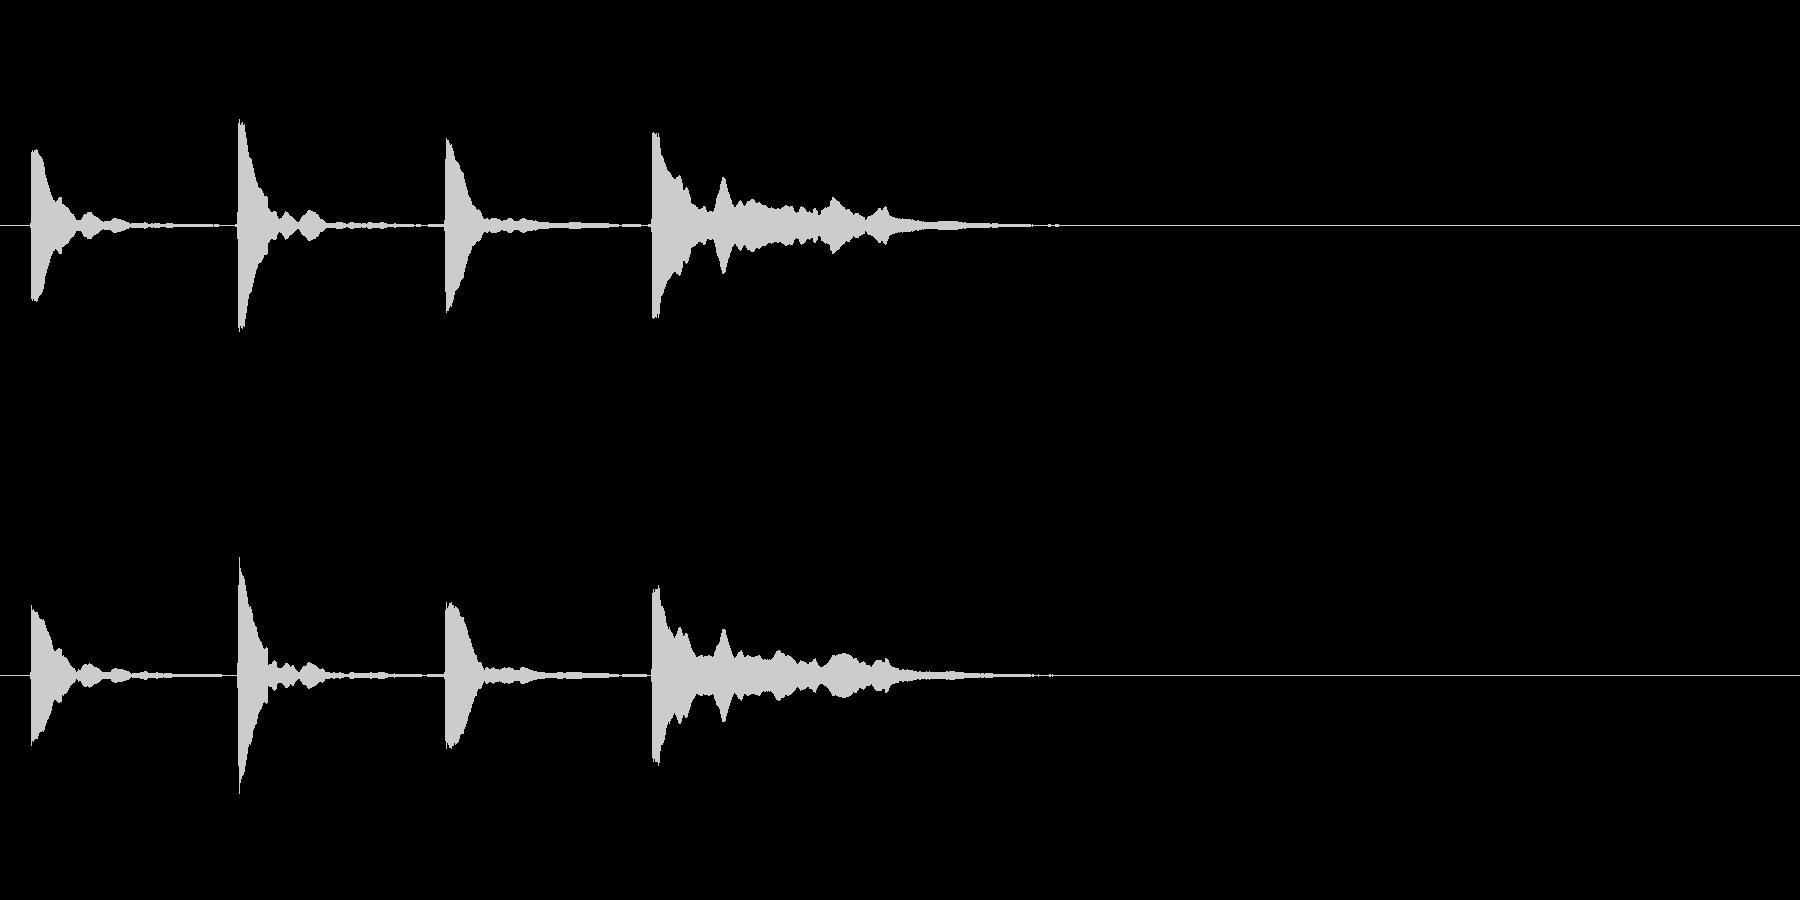 カウントダウン効果音その2_keyCの未再生の波形